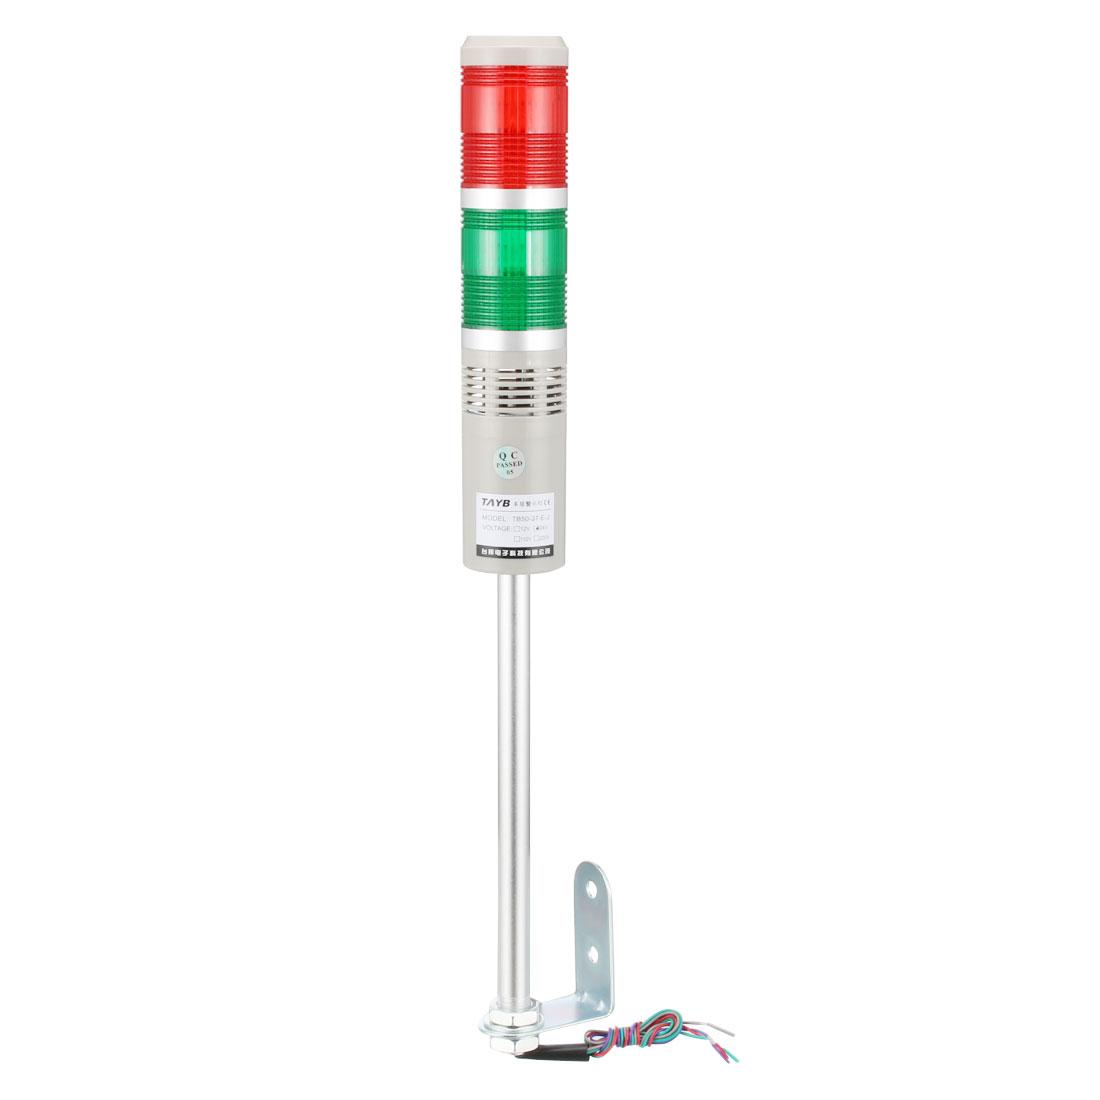 Warning Light Bulb Bright Industrial Signal Alarm Lamp 90db DC24V Red Green